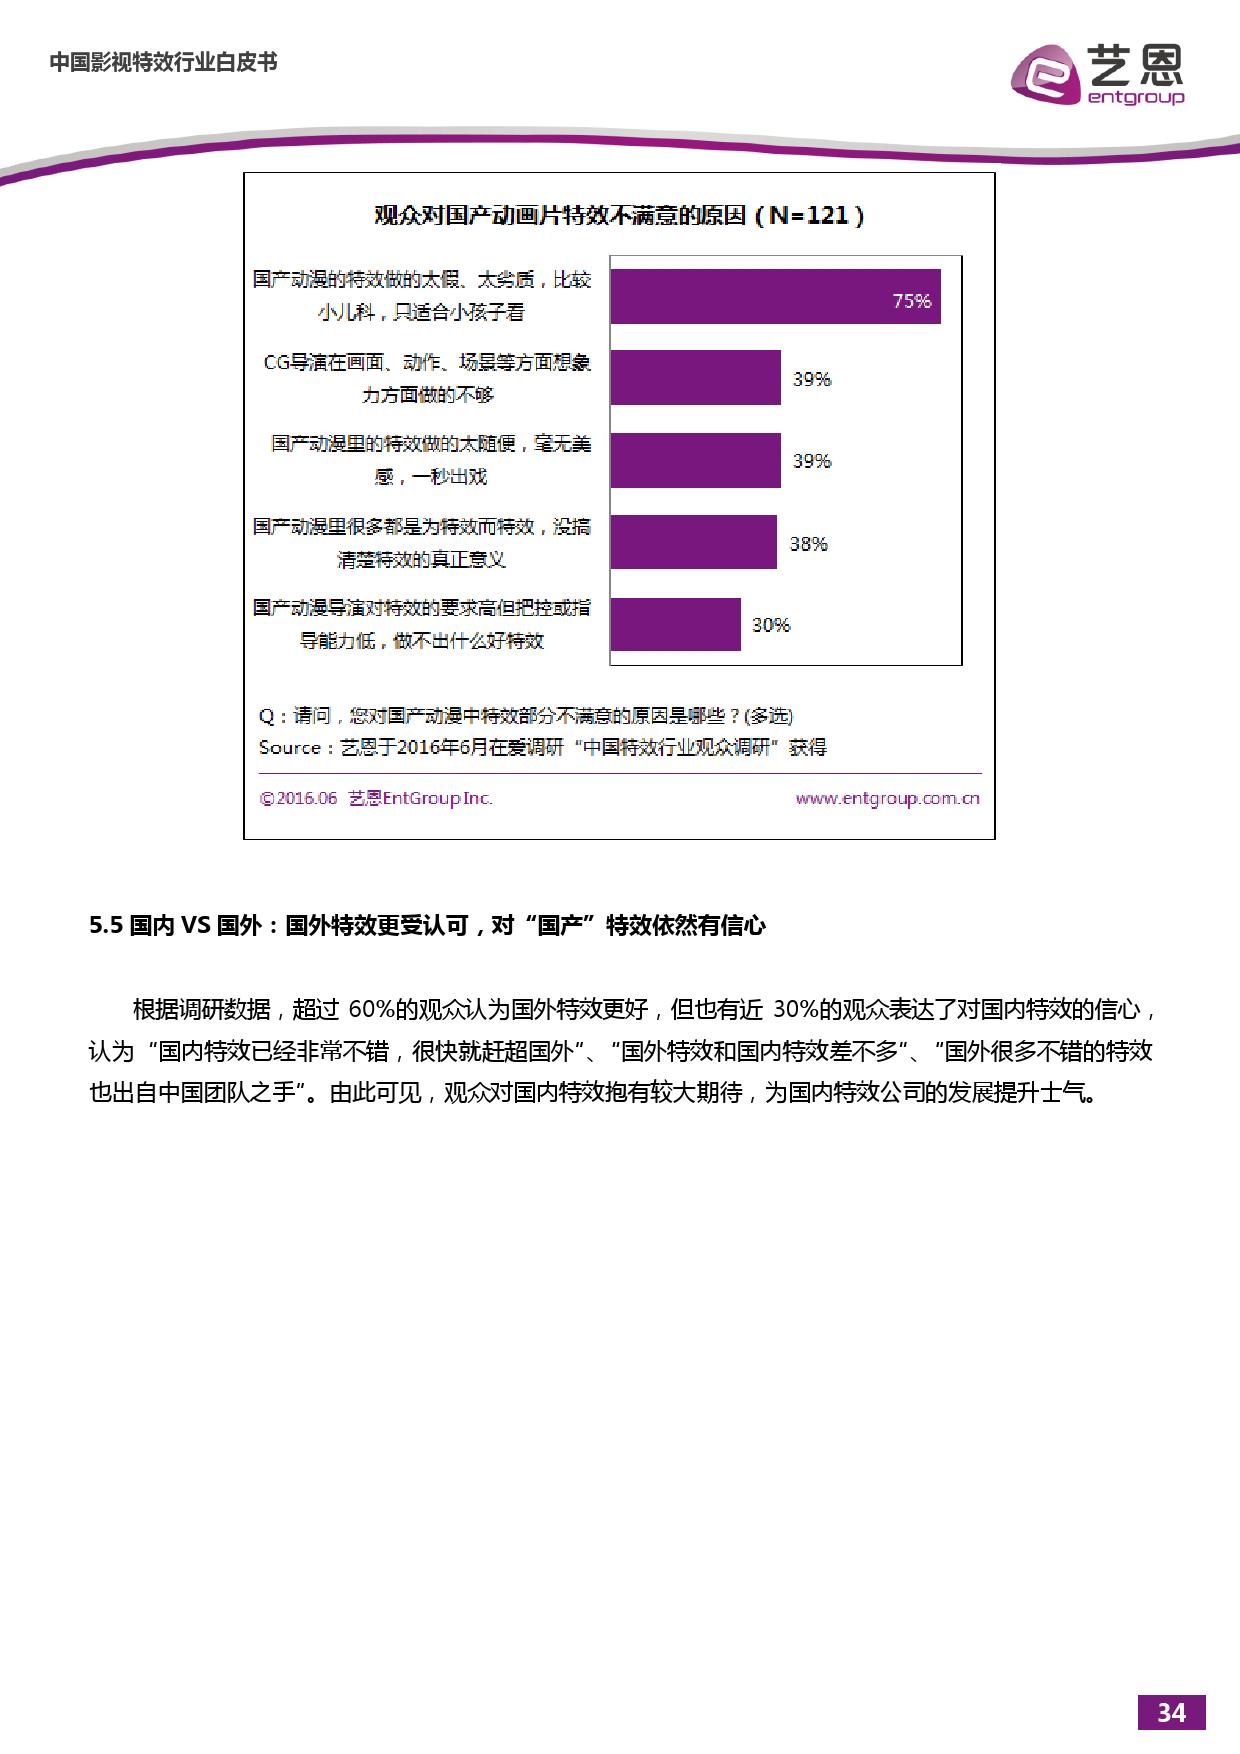 %e4%b8%ad%e5%9b%bd%e5%bd%b1%e8%a7%86%e7%89%b9%e6%95%88%e5%b8%82%e5%9c%ba%e7%a0%94%e7%a9%b6%e6%8a%a5%e5%91%8a_000035